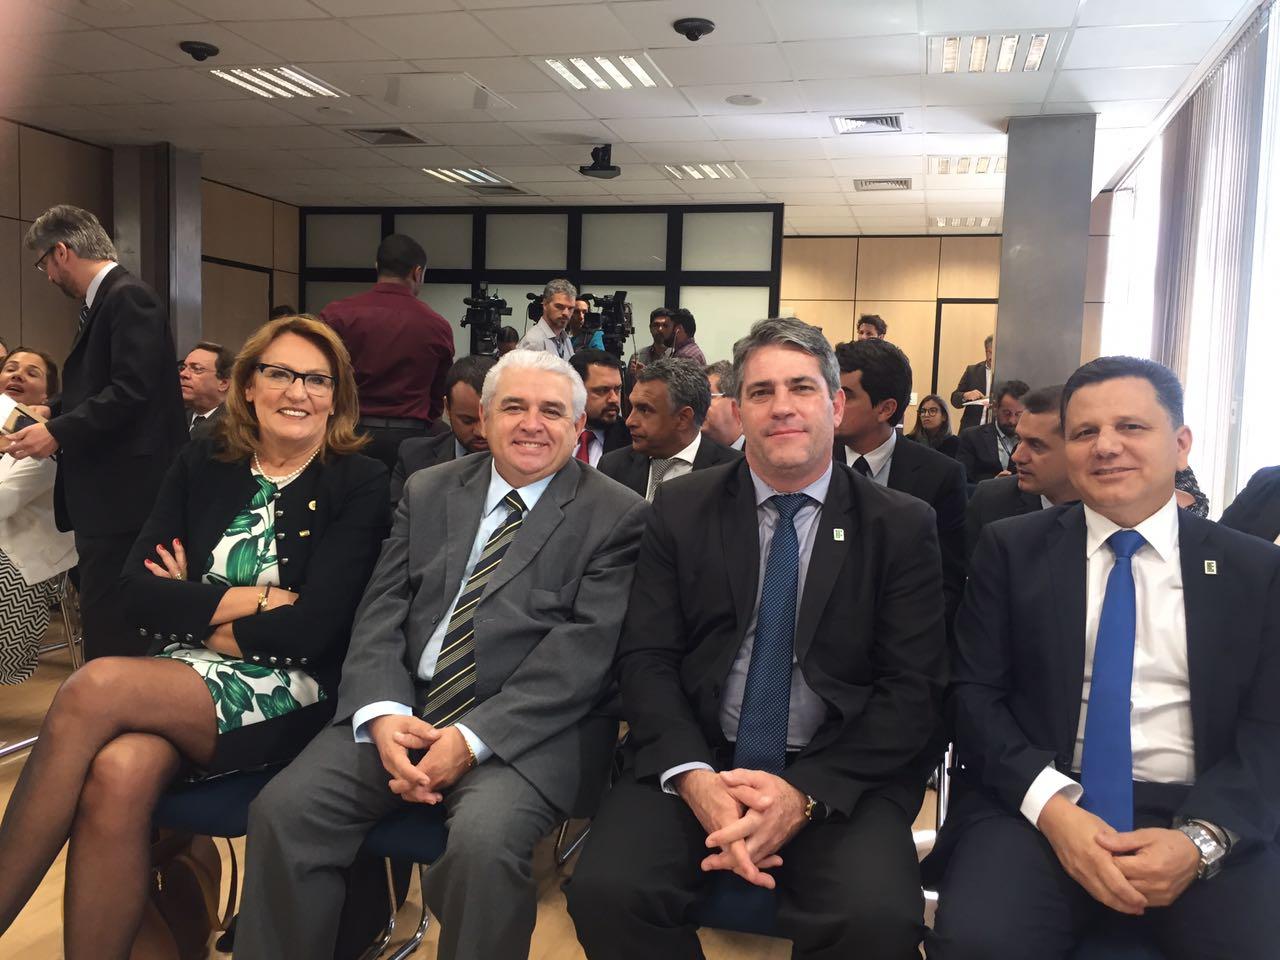 Autoridades participam da cerimonia realizada no auditório do Ministério da Educação.